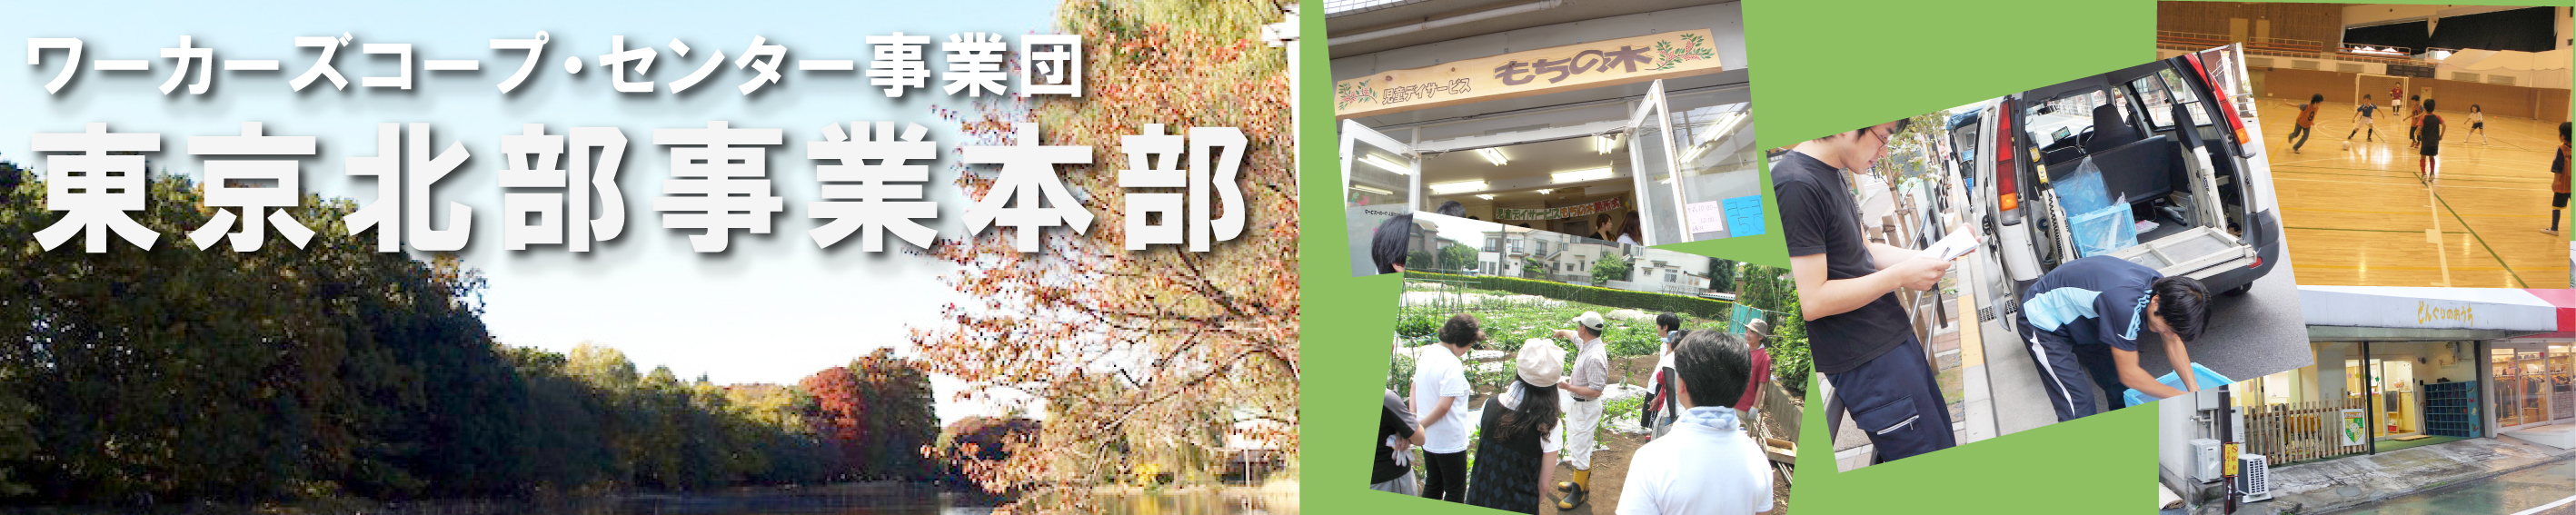 ワーカーズコープ・センター事業団東京北部事業本部